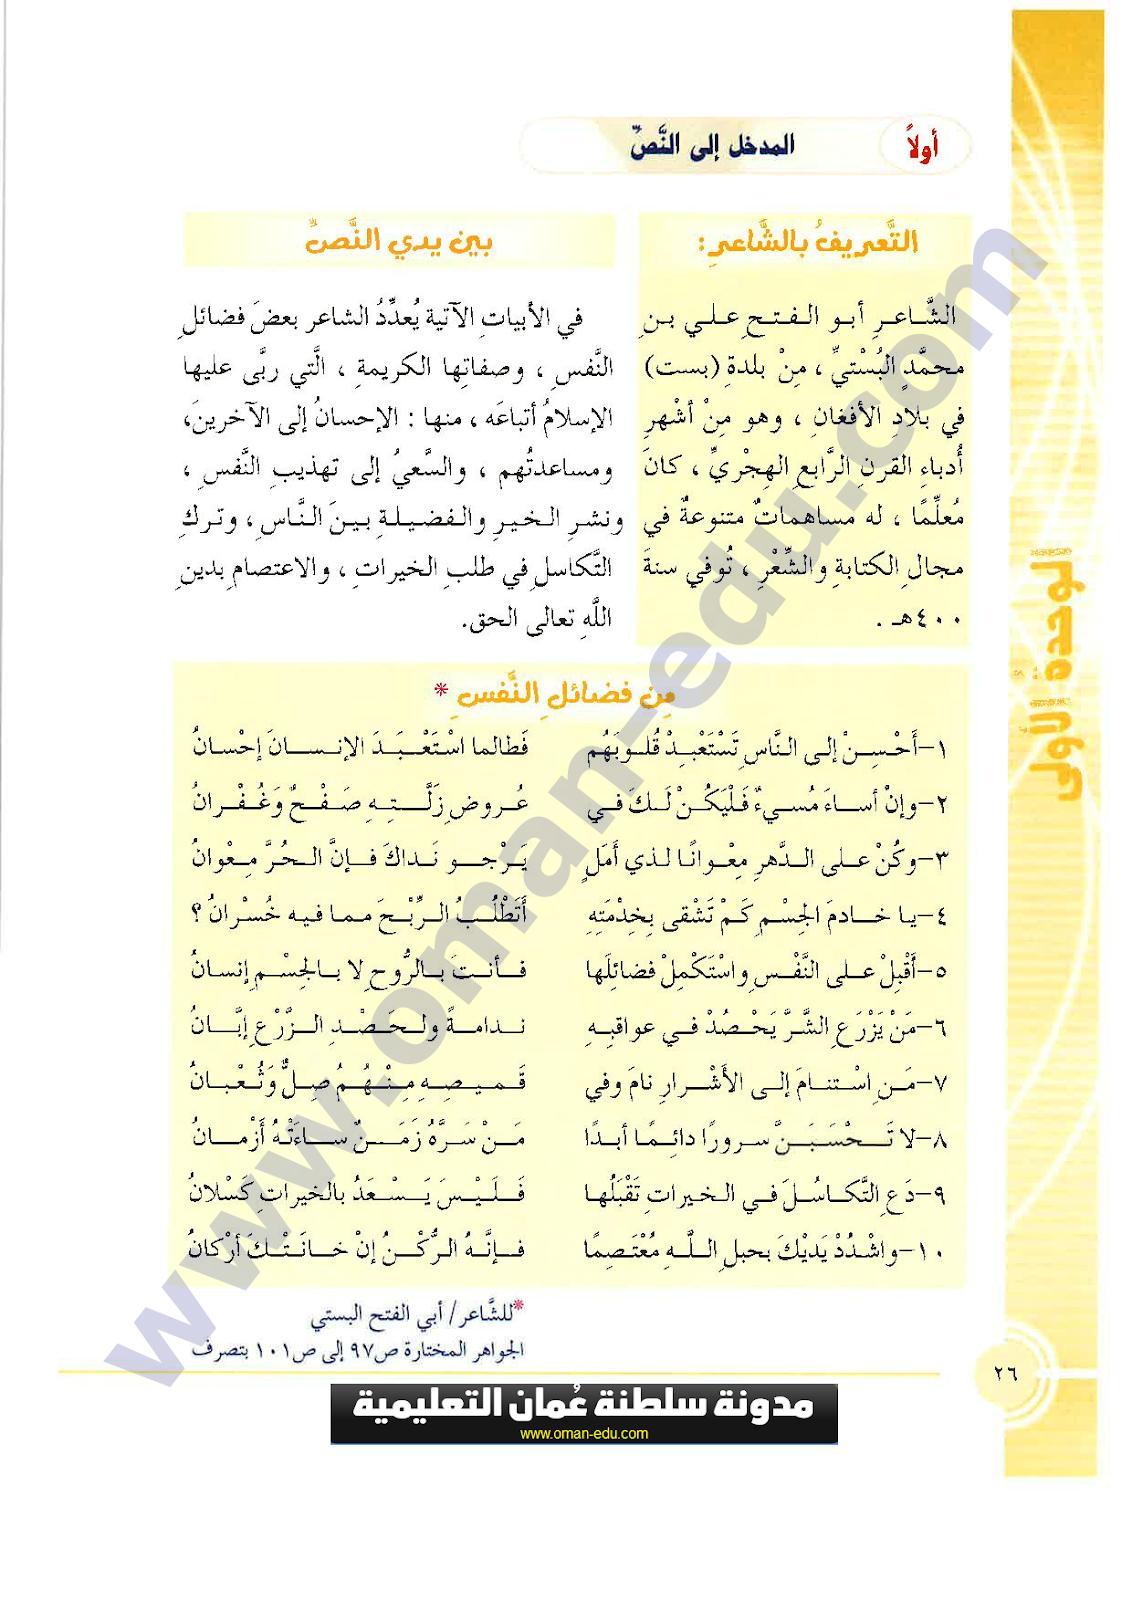 شرح نص من فضائل النفس الصف السابع الفصل الثاني